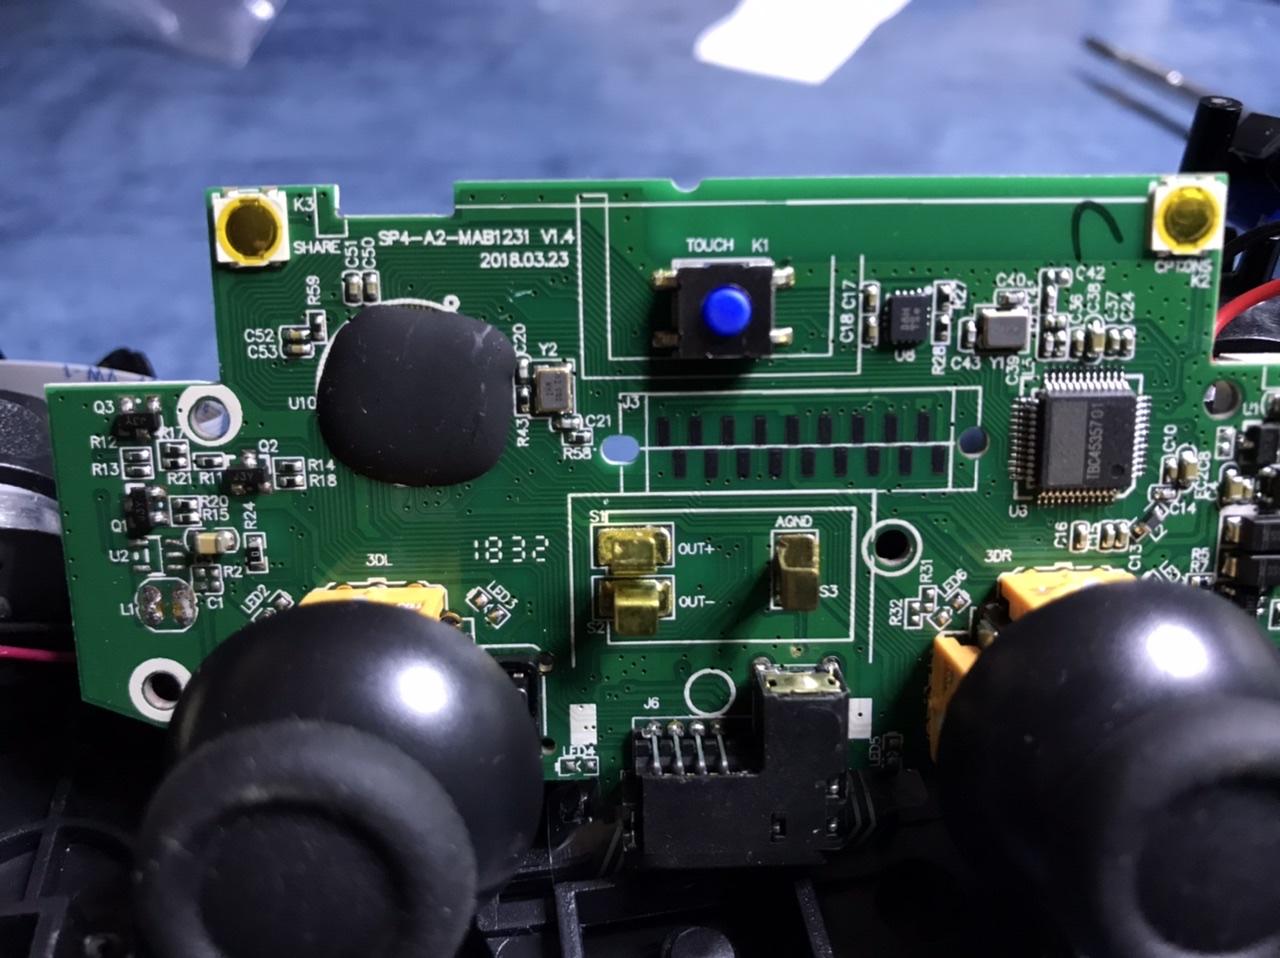 BE50F87A-A79A-42F4-9582-1E54A84BCEFA.jpeg